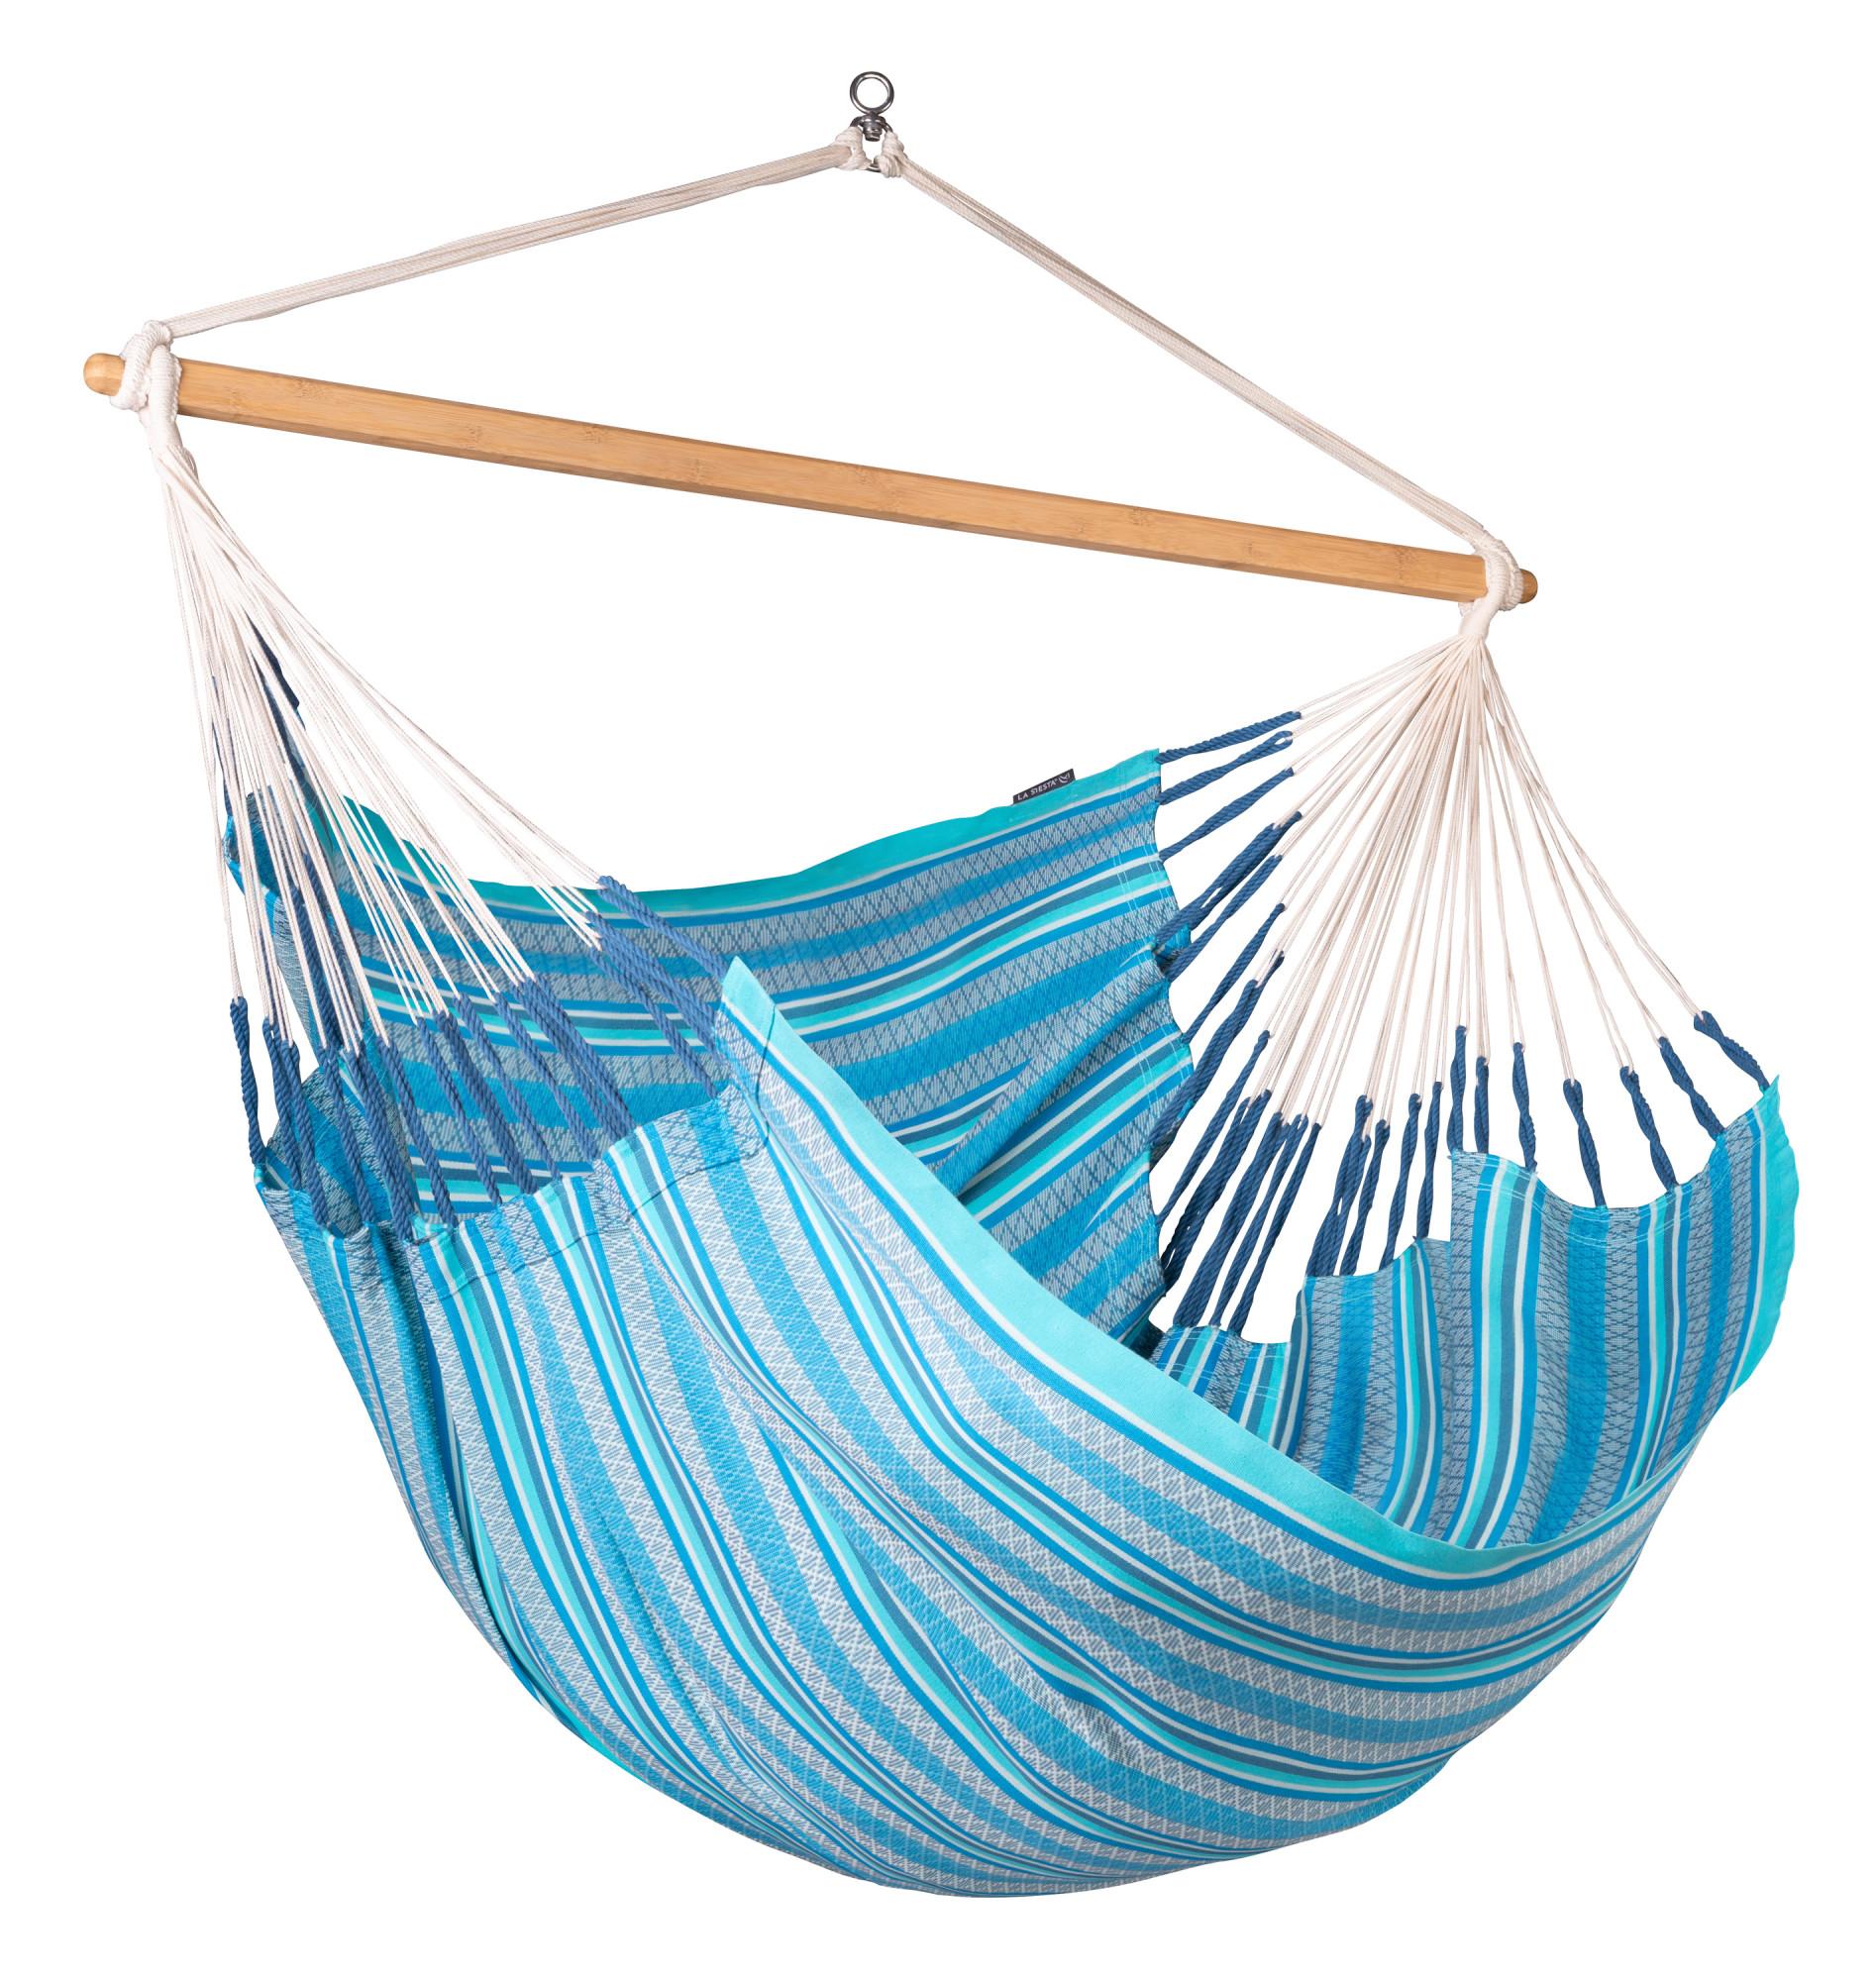 Chaise-hamac kingsize en coton bio bleu